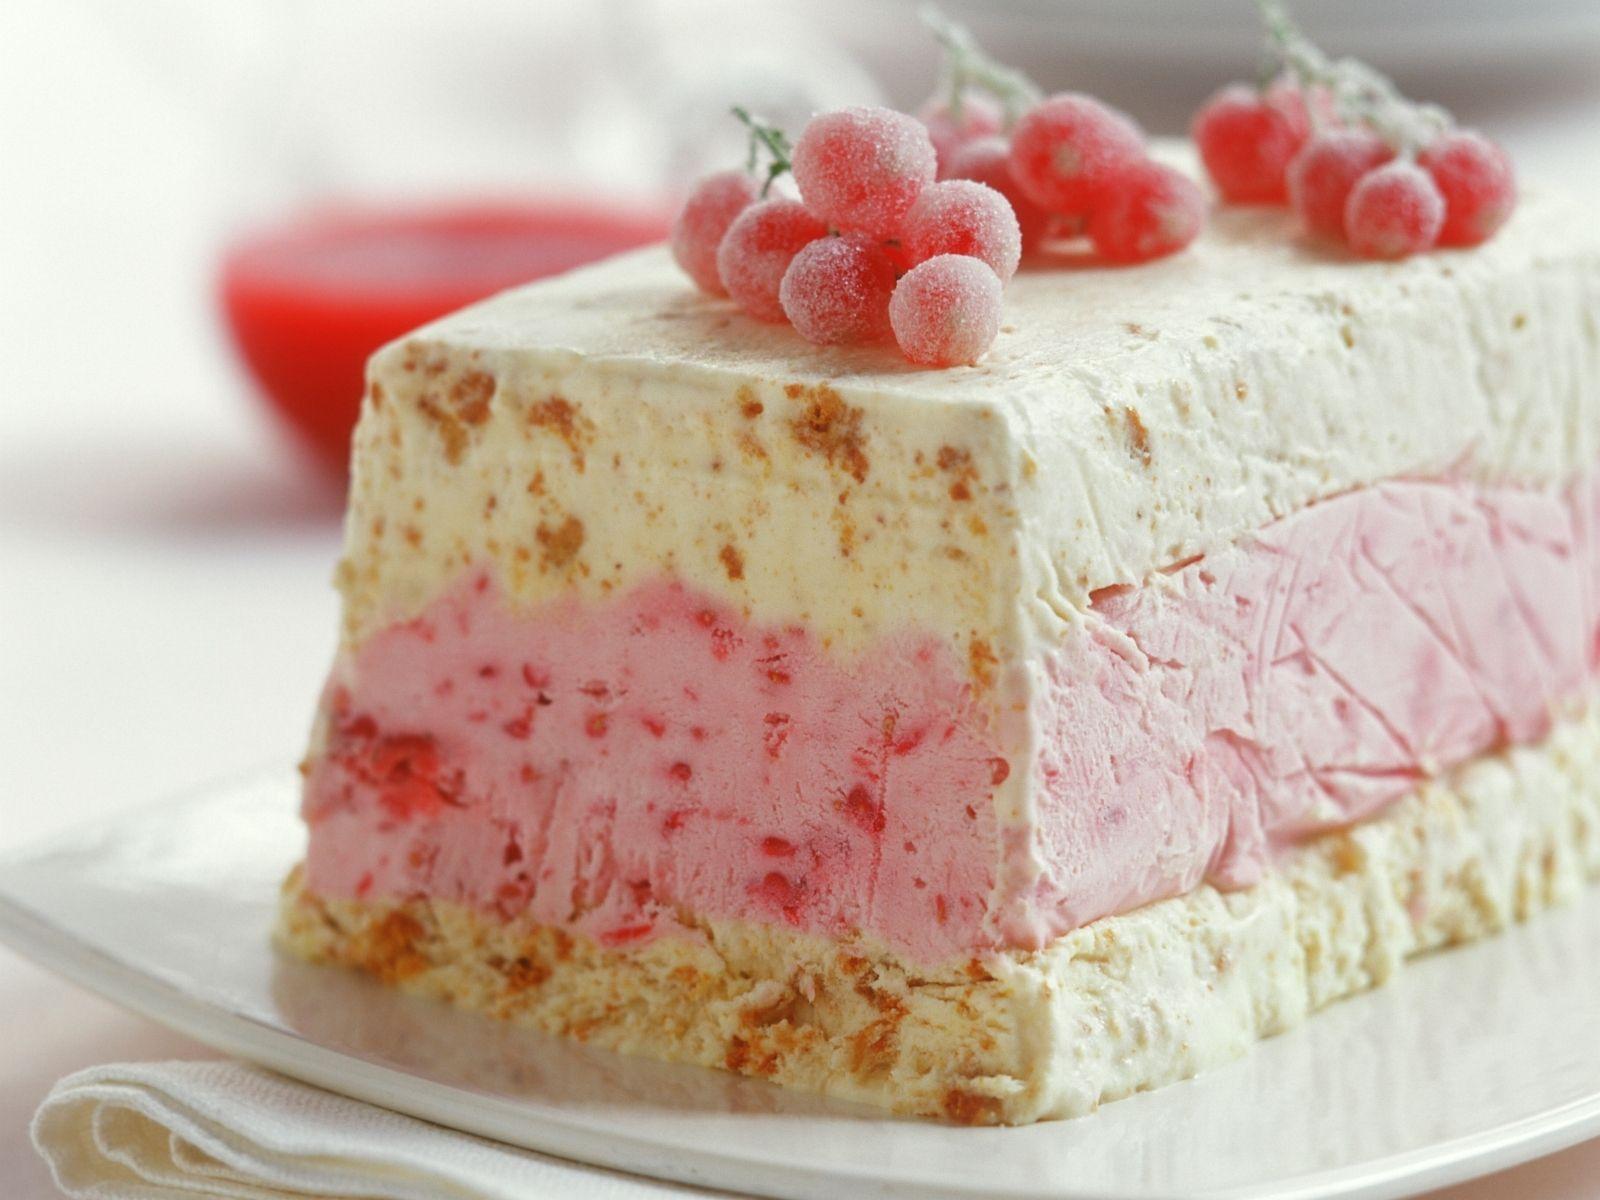 Biskuit Eisparfait Mit Johannisbeeren Rezept Kuchen Rezepte Dessert Rezepte Kuchen Ideen